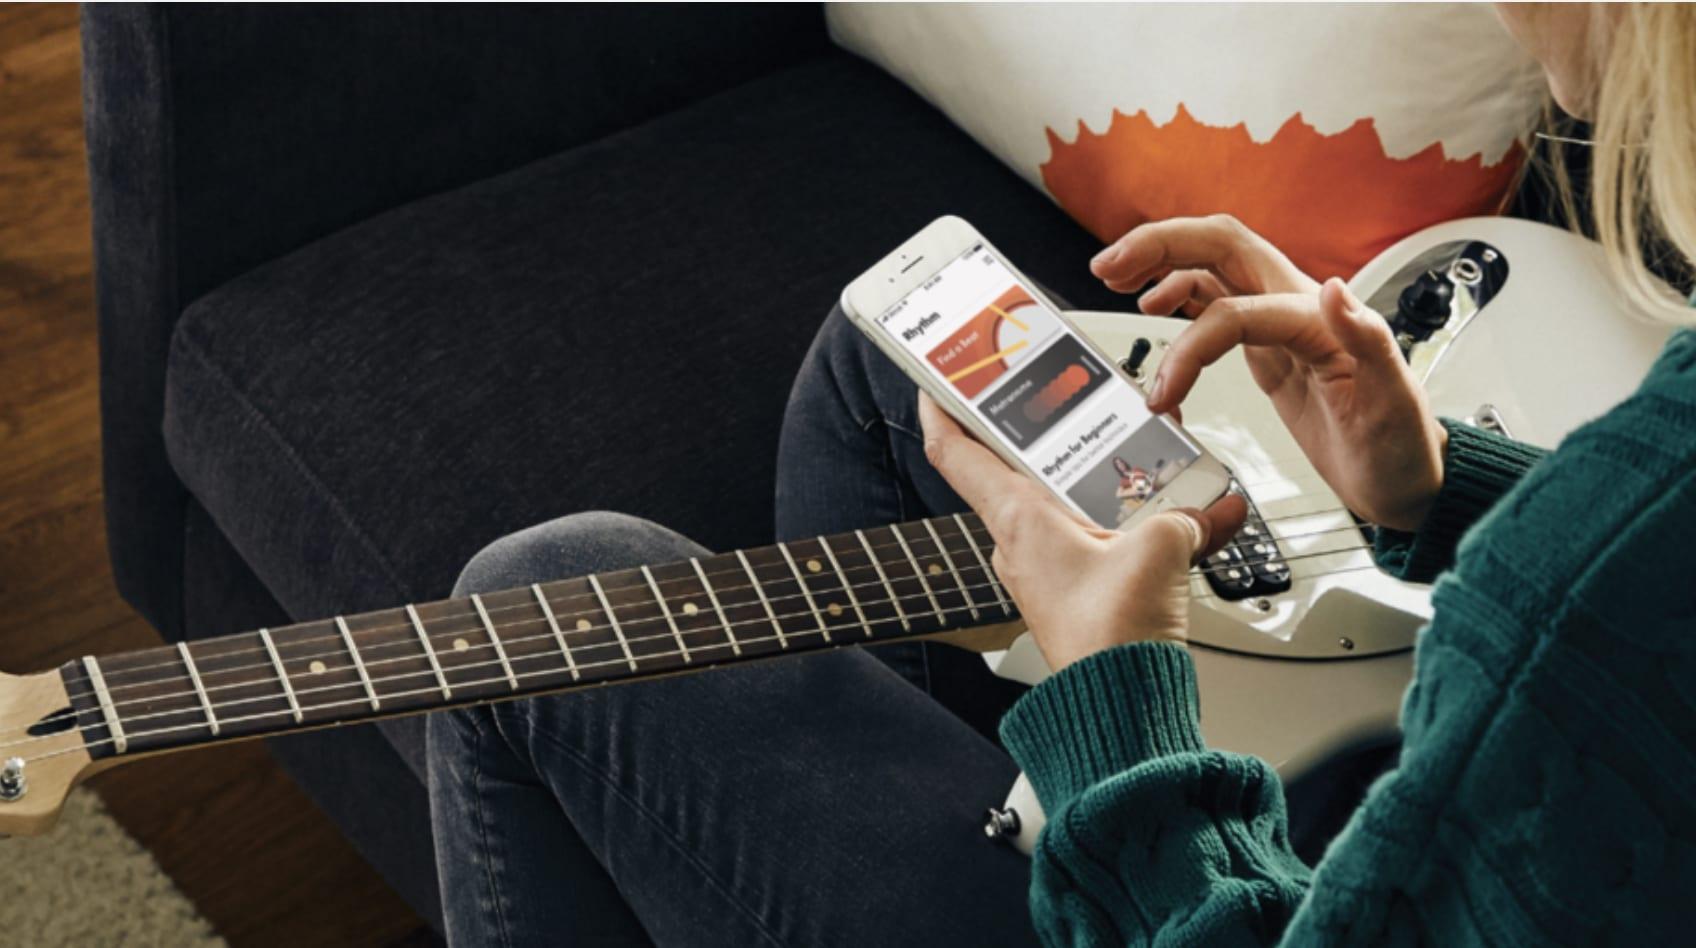 Kostenloses Player Pack Upgrade mit Drum Beat, Chords und Pro Tuner